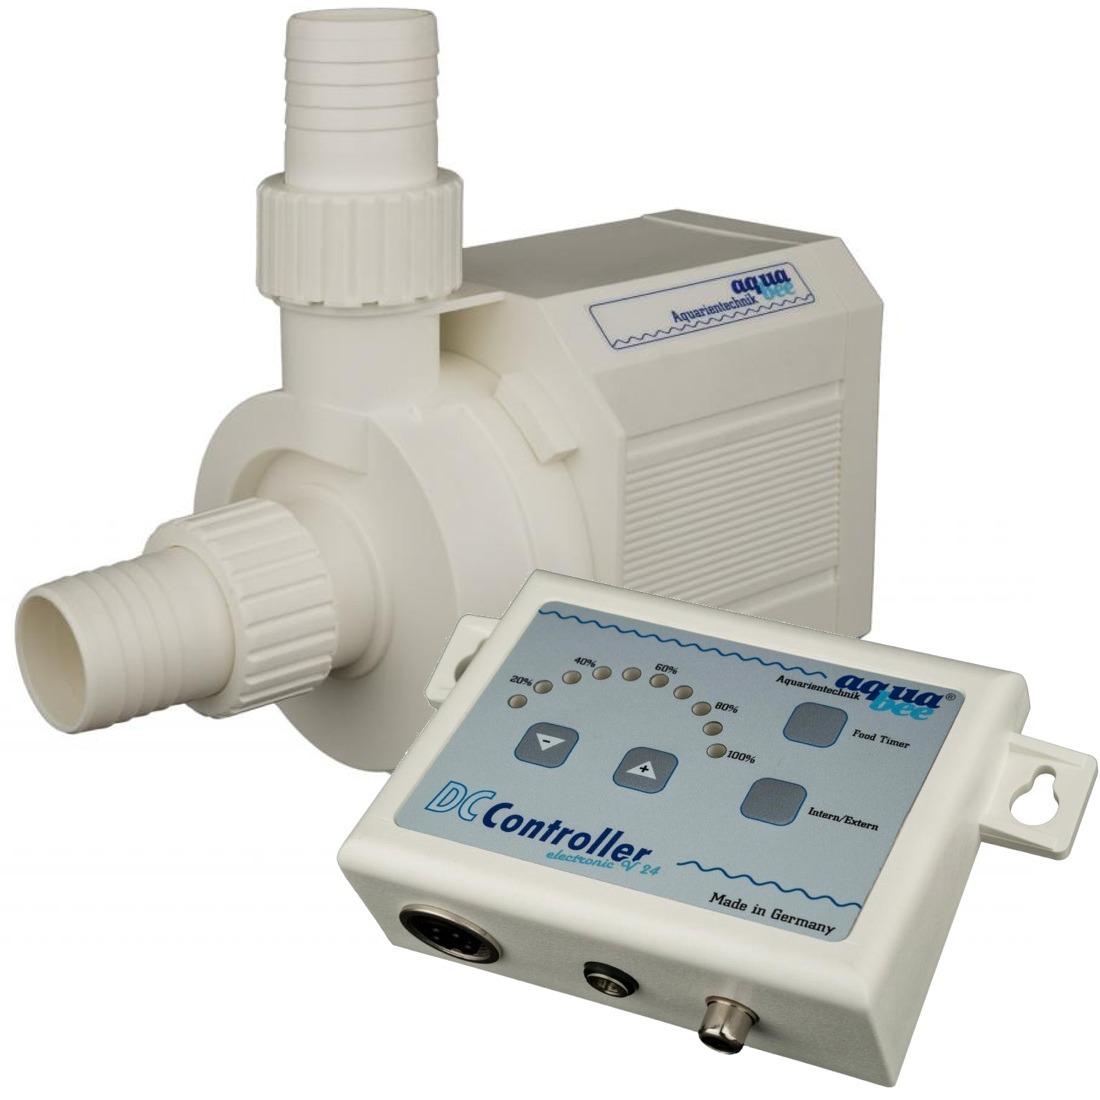 AQUABEE UP 5000e 24V pompe d\'aquarium 5000 L/h fonctionnement basse tension avec contrôleur électronique